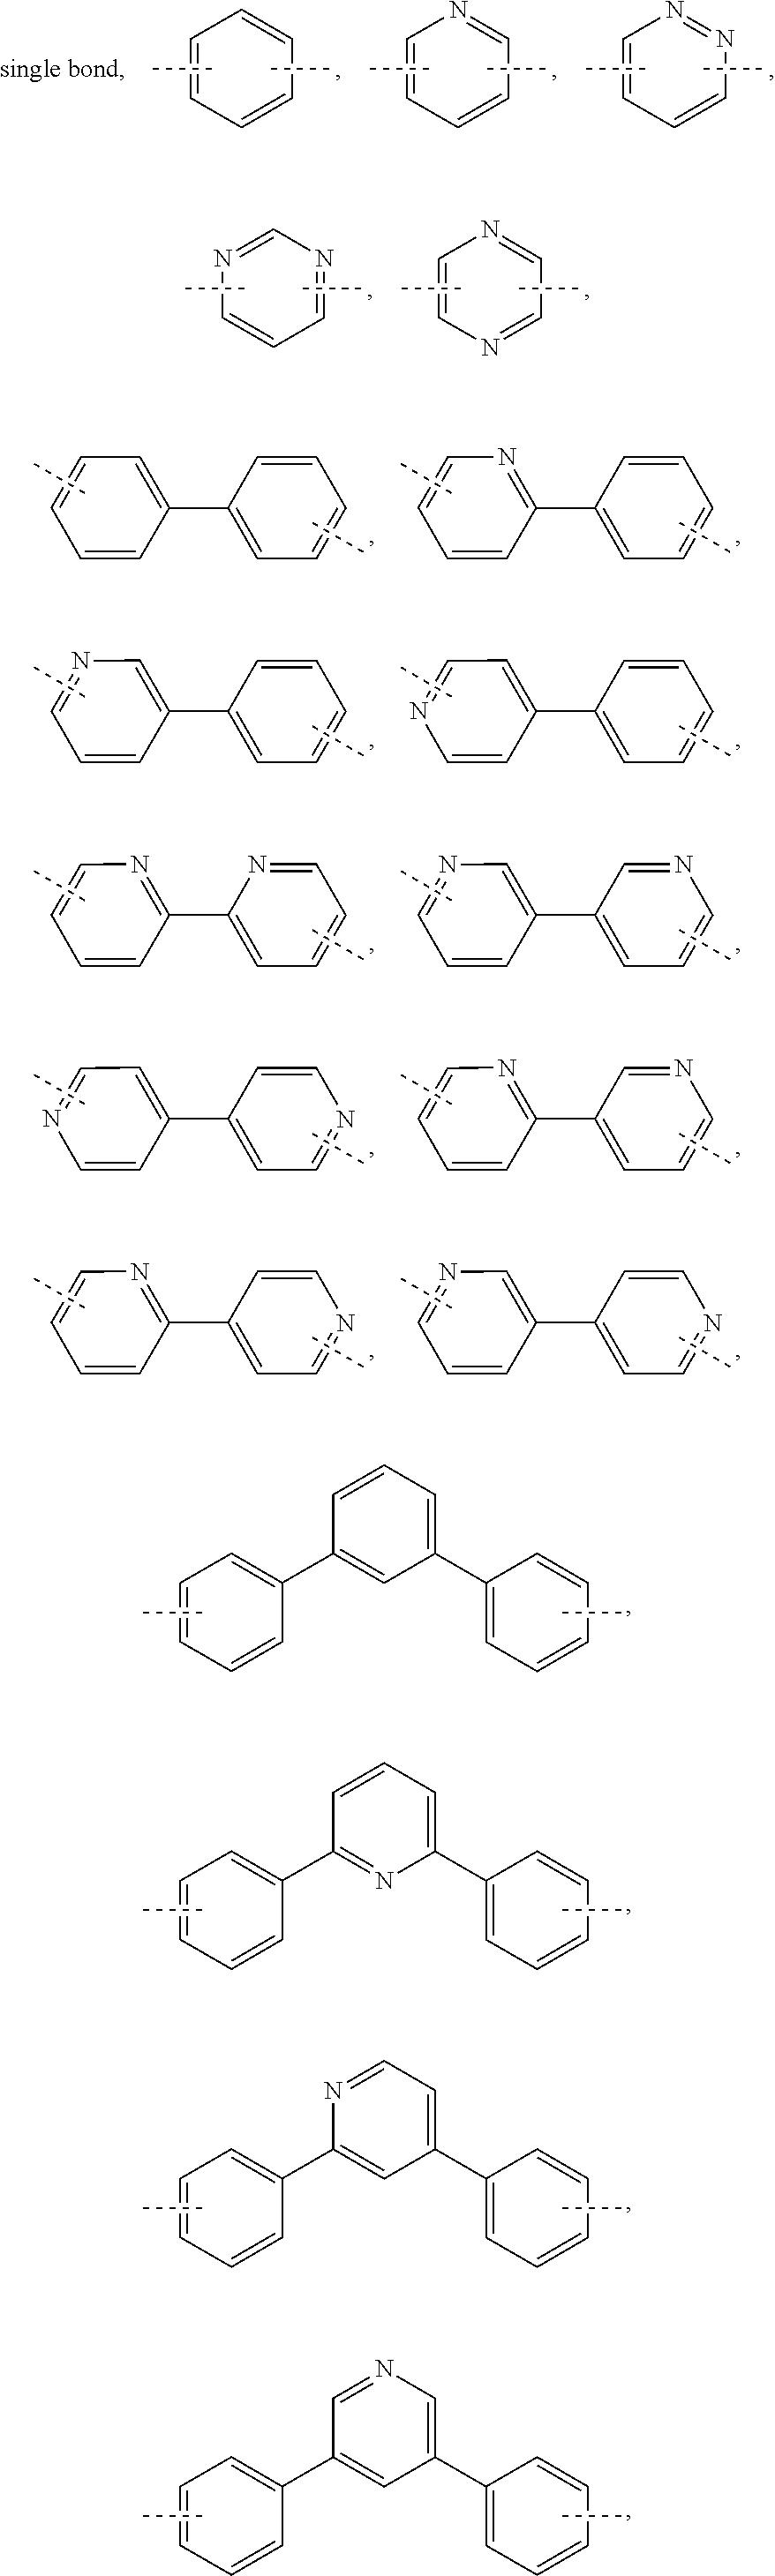 Figure US09553274-20170124-C00005